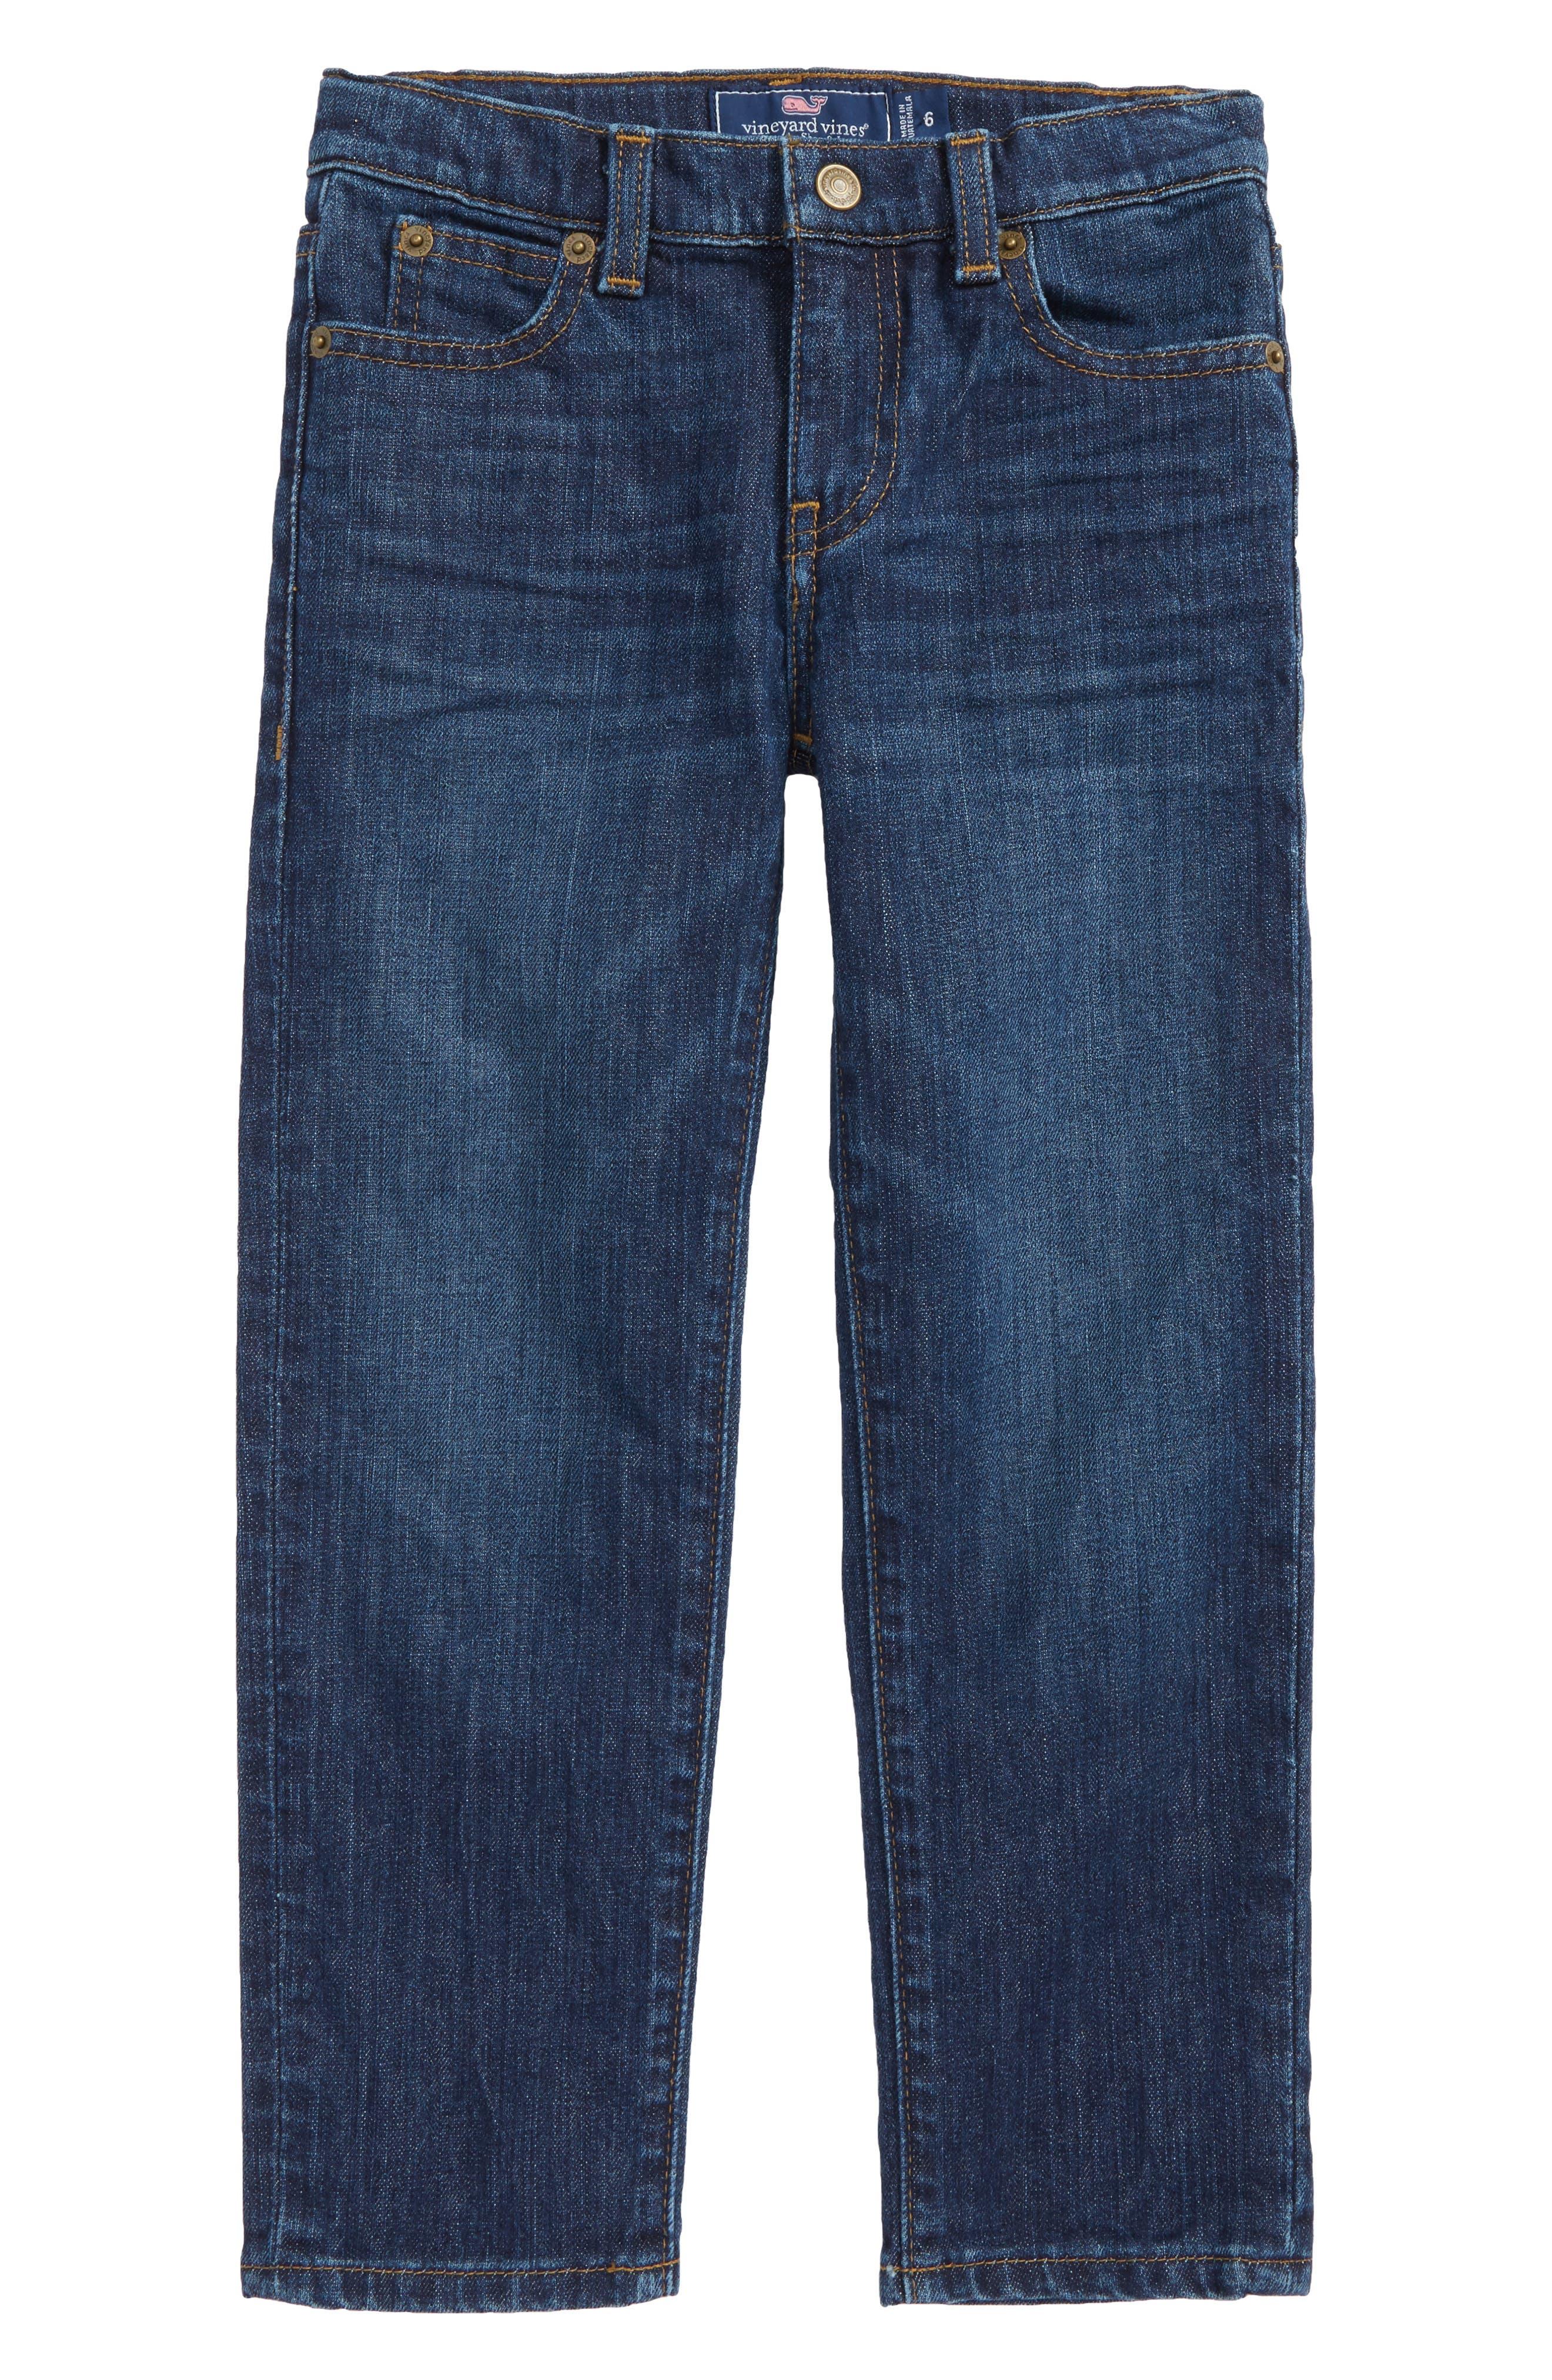 Boys Vineyard Vines Jeans